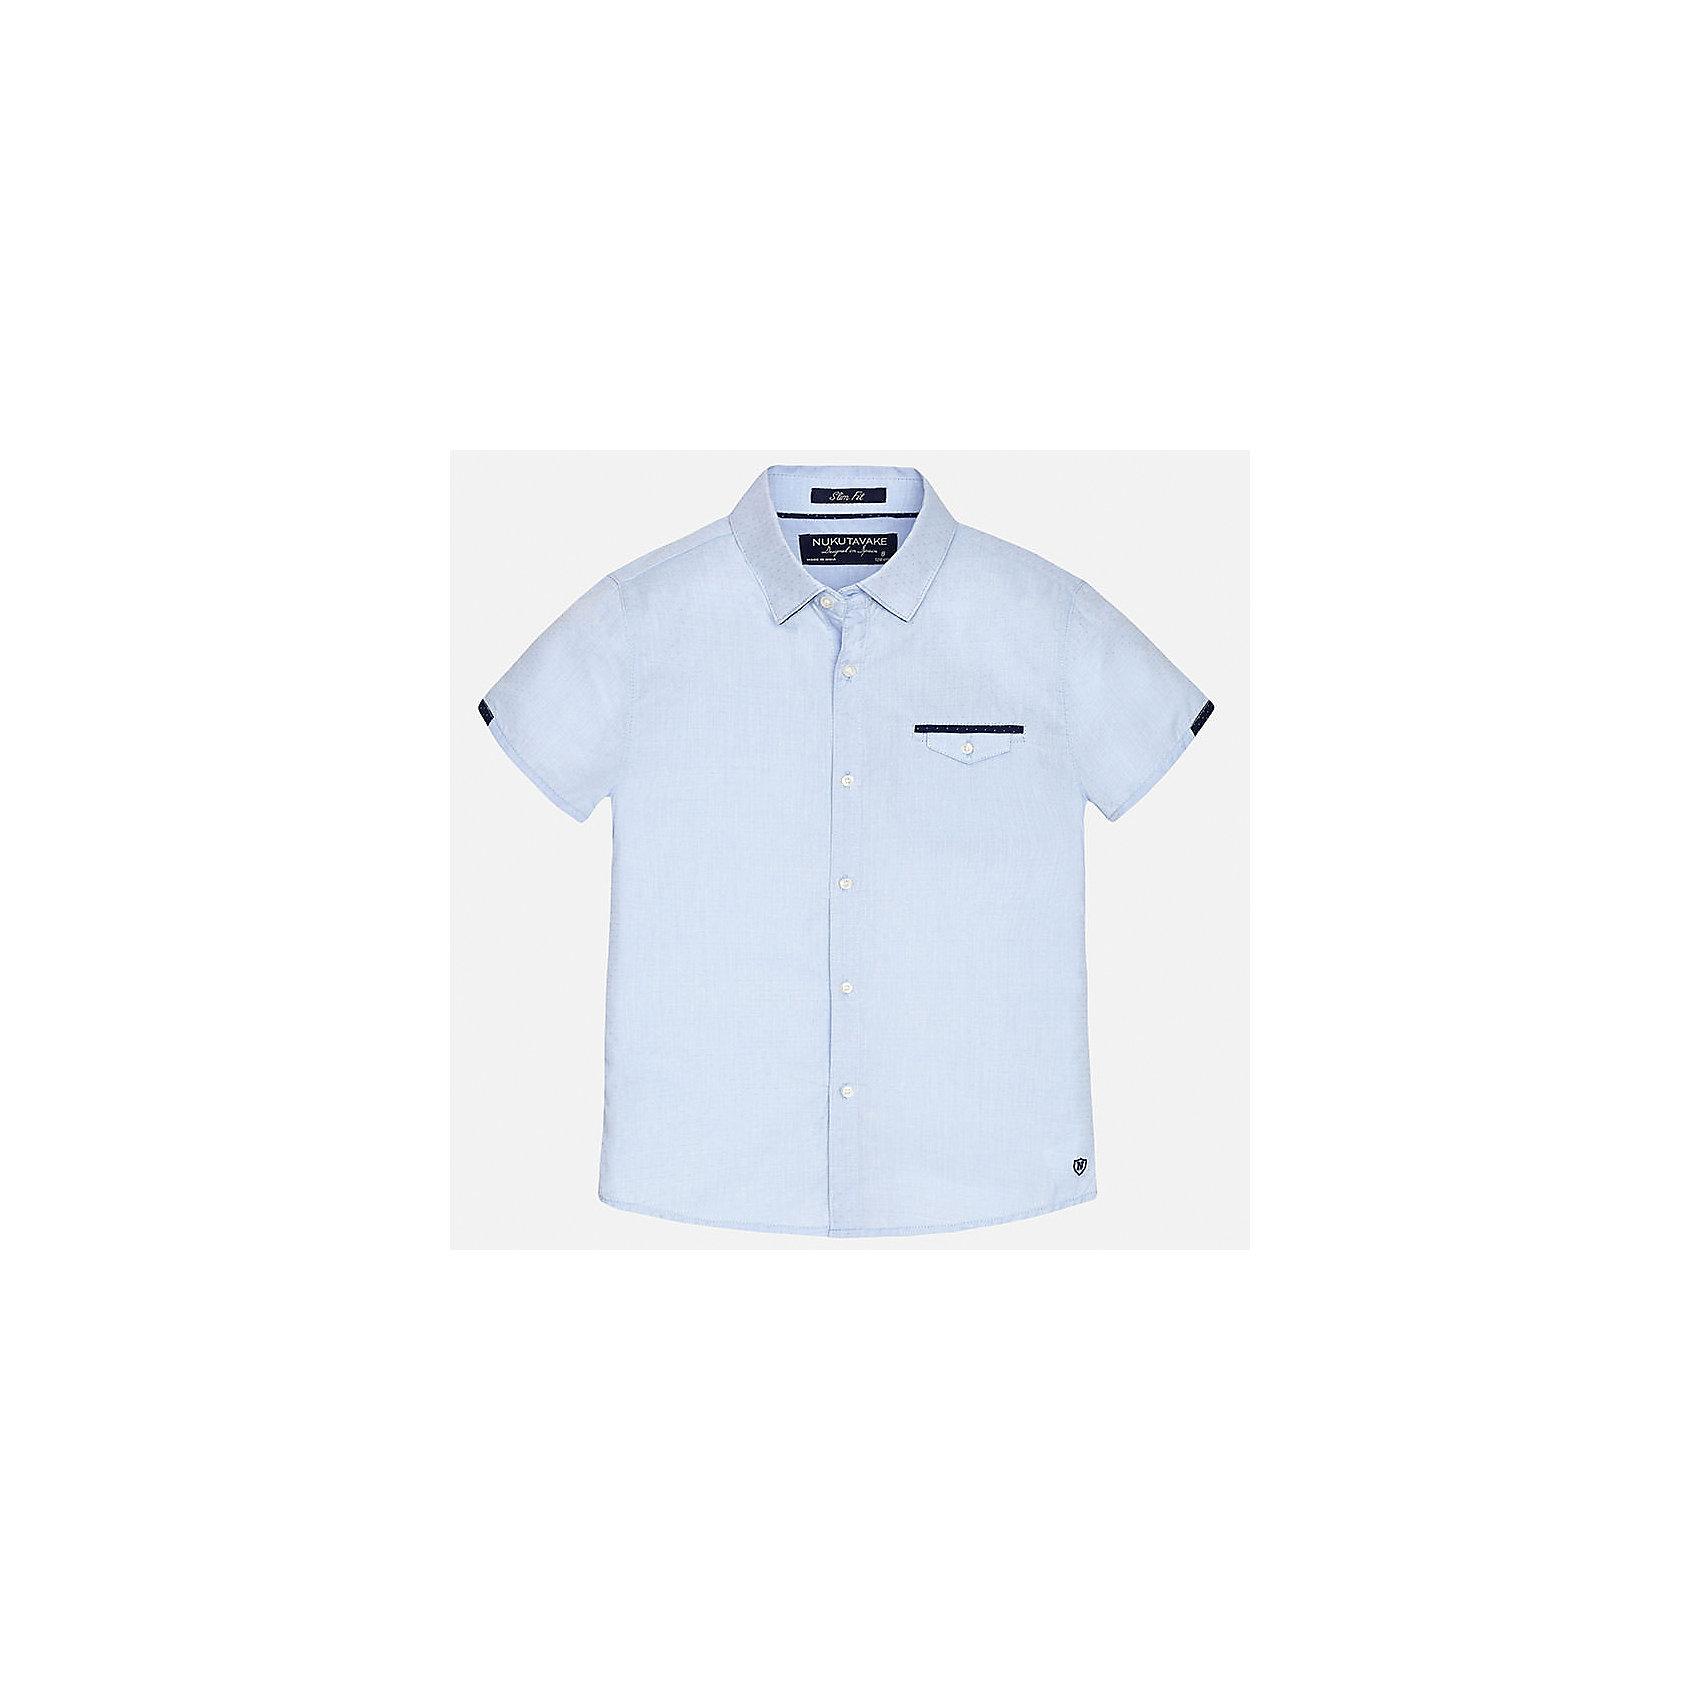 Рубашка для мальчика MayoralБлузки и рубашки<br>Характеристики товара:<br><br>• цвет: голубой<br>• состав: 100% хлопок<br>• отложной воротник<br>• декорирована карманом на груди<br>• короткие рукава<br>• застежки: пуговицы<br>• страна бренда: Испания<br><br>Модная рубашка поможет разнообразить гардероб мальчика. Она отлично сочетается с брюками, шортами, джинсами. Универсальный крой и цвет позволяет подобрать к вещи низ разных расцветок. Практичное и стильное изделие! Хорошо смотрится и комфортно сидит на детях. В составе материала - только натуральный хлопок, гипоаллергенный, приятный на ощупь, дышащий. <br><br>Одежда, обувь и аксессуары от испанского бренда Mayoral полюбились детям и взрослым по всему миру. Модели этой марки - стильные и удобные. Для их производства используются только безопасные, качественные материалы и фурнитура. Порадуйте ребенка модными и красивыми вещами от Mayoral! <br><br>Рубашку для мальчика от испанского бренда Mayoral (Майорал) можно купить в нашем интернет-магазине.<br><br>Ширина мм: 174<br>Глубина мм: 10<br>Высота мм: 169<br>Вес г: 157<br>Цвет: голубой<br>Возраст от месяцев: 144<br>Возраст до месяцев: 156<br>Пол: Мужской<br>Возраст: Детский<br>Размер: 164,170,128/134,140,152,158<br>SKU: 5281589